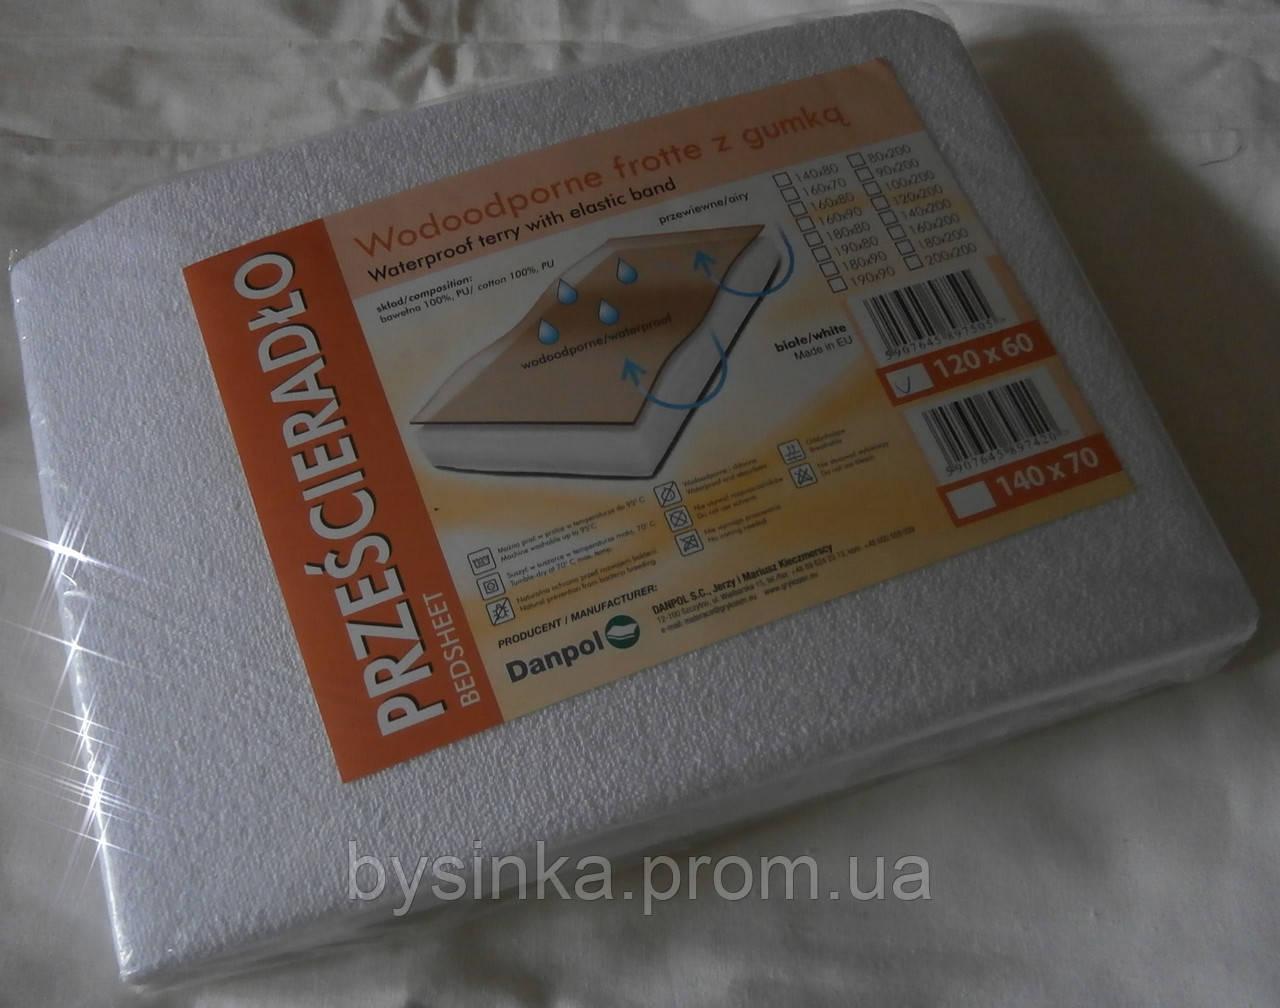 Антибактериальная, непромокаемая простынь на резинке для детской кроватки 120*60 см Данпол